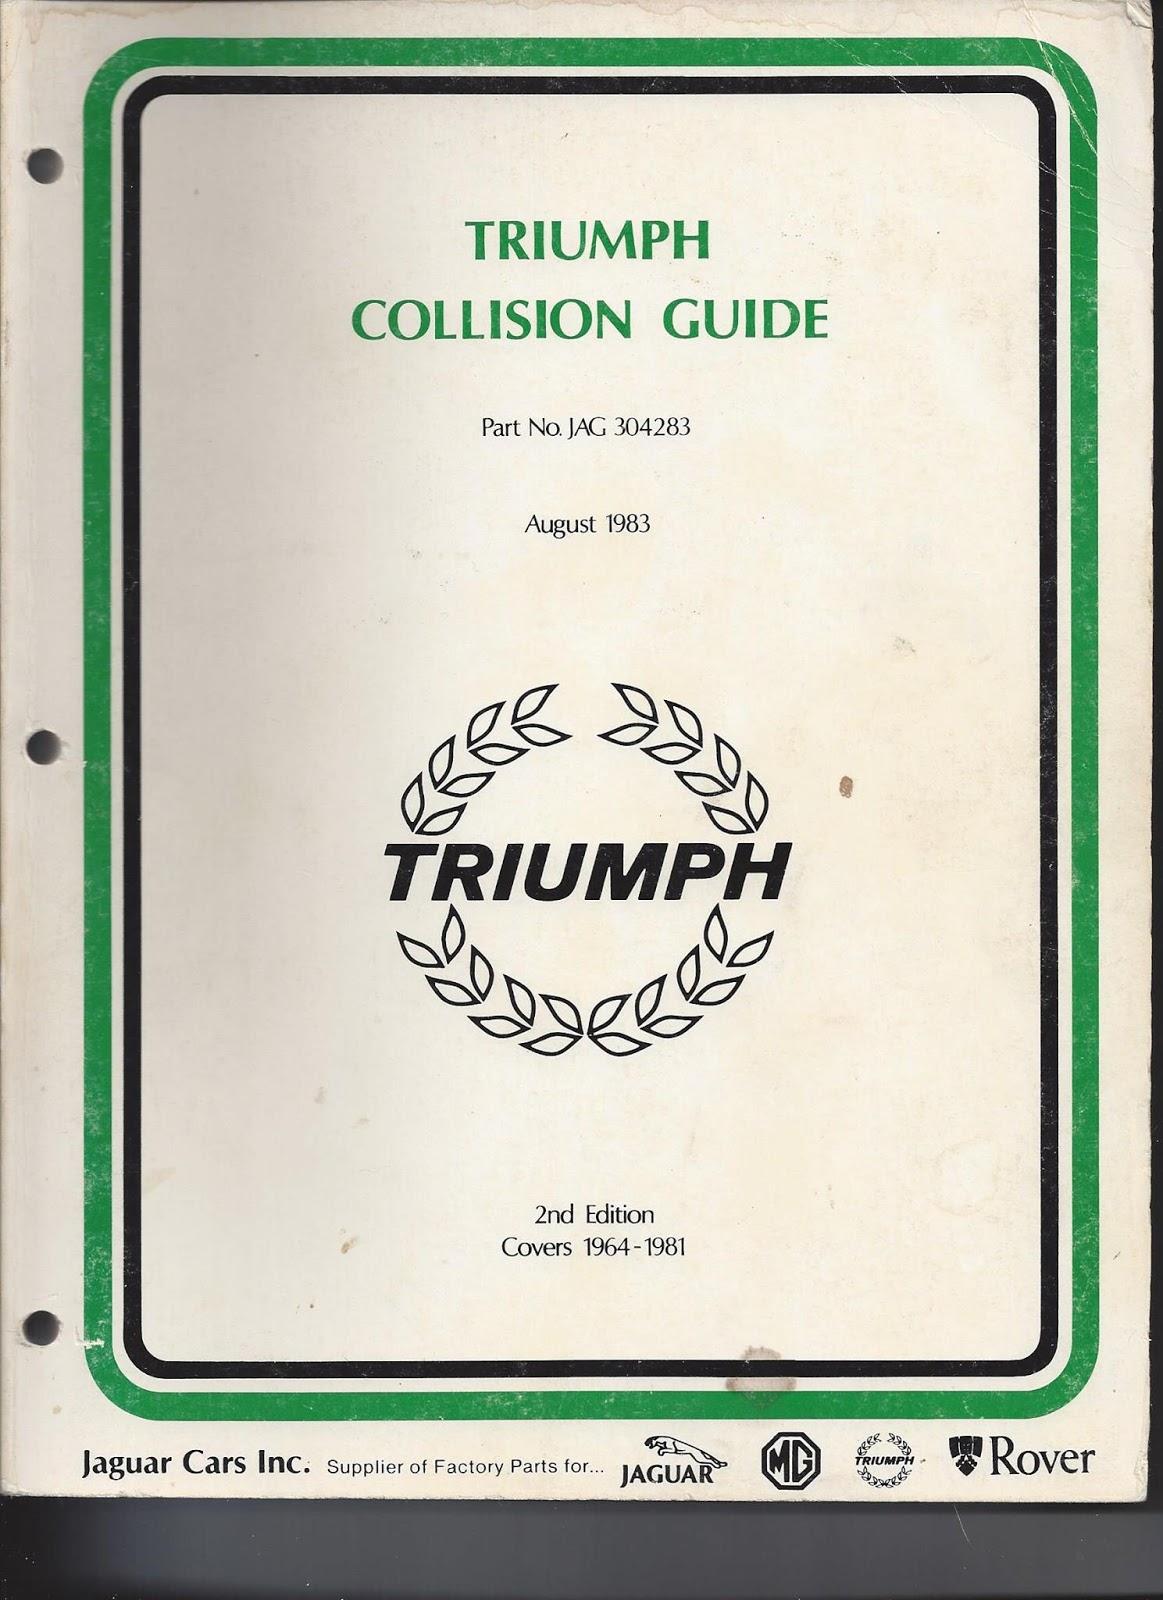 Triumph Collison Guide